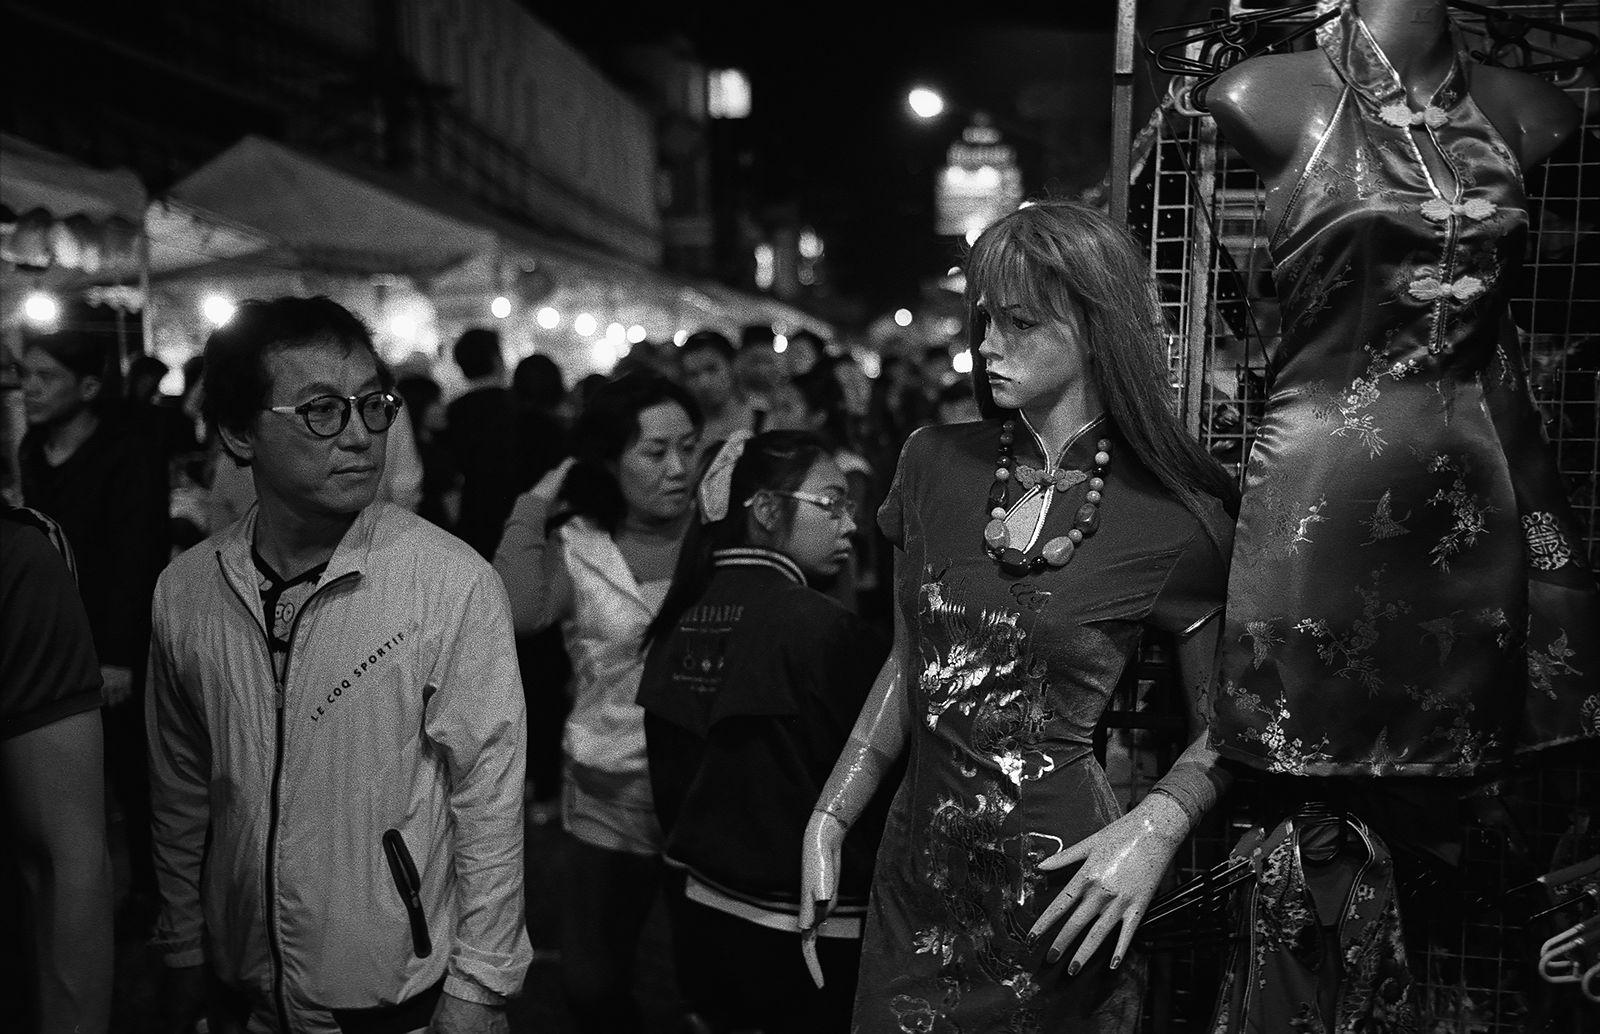 Евгений Сафьян. Manequin cities. Таиланд, Чианг Мэй, 2014